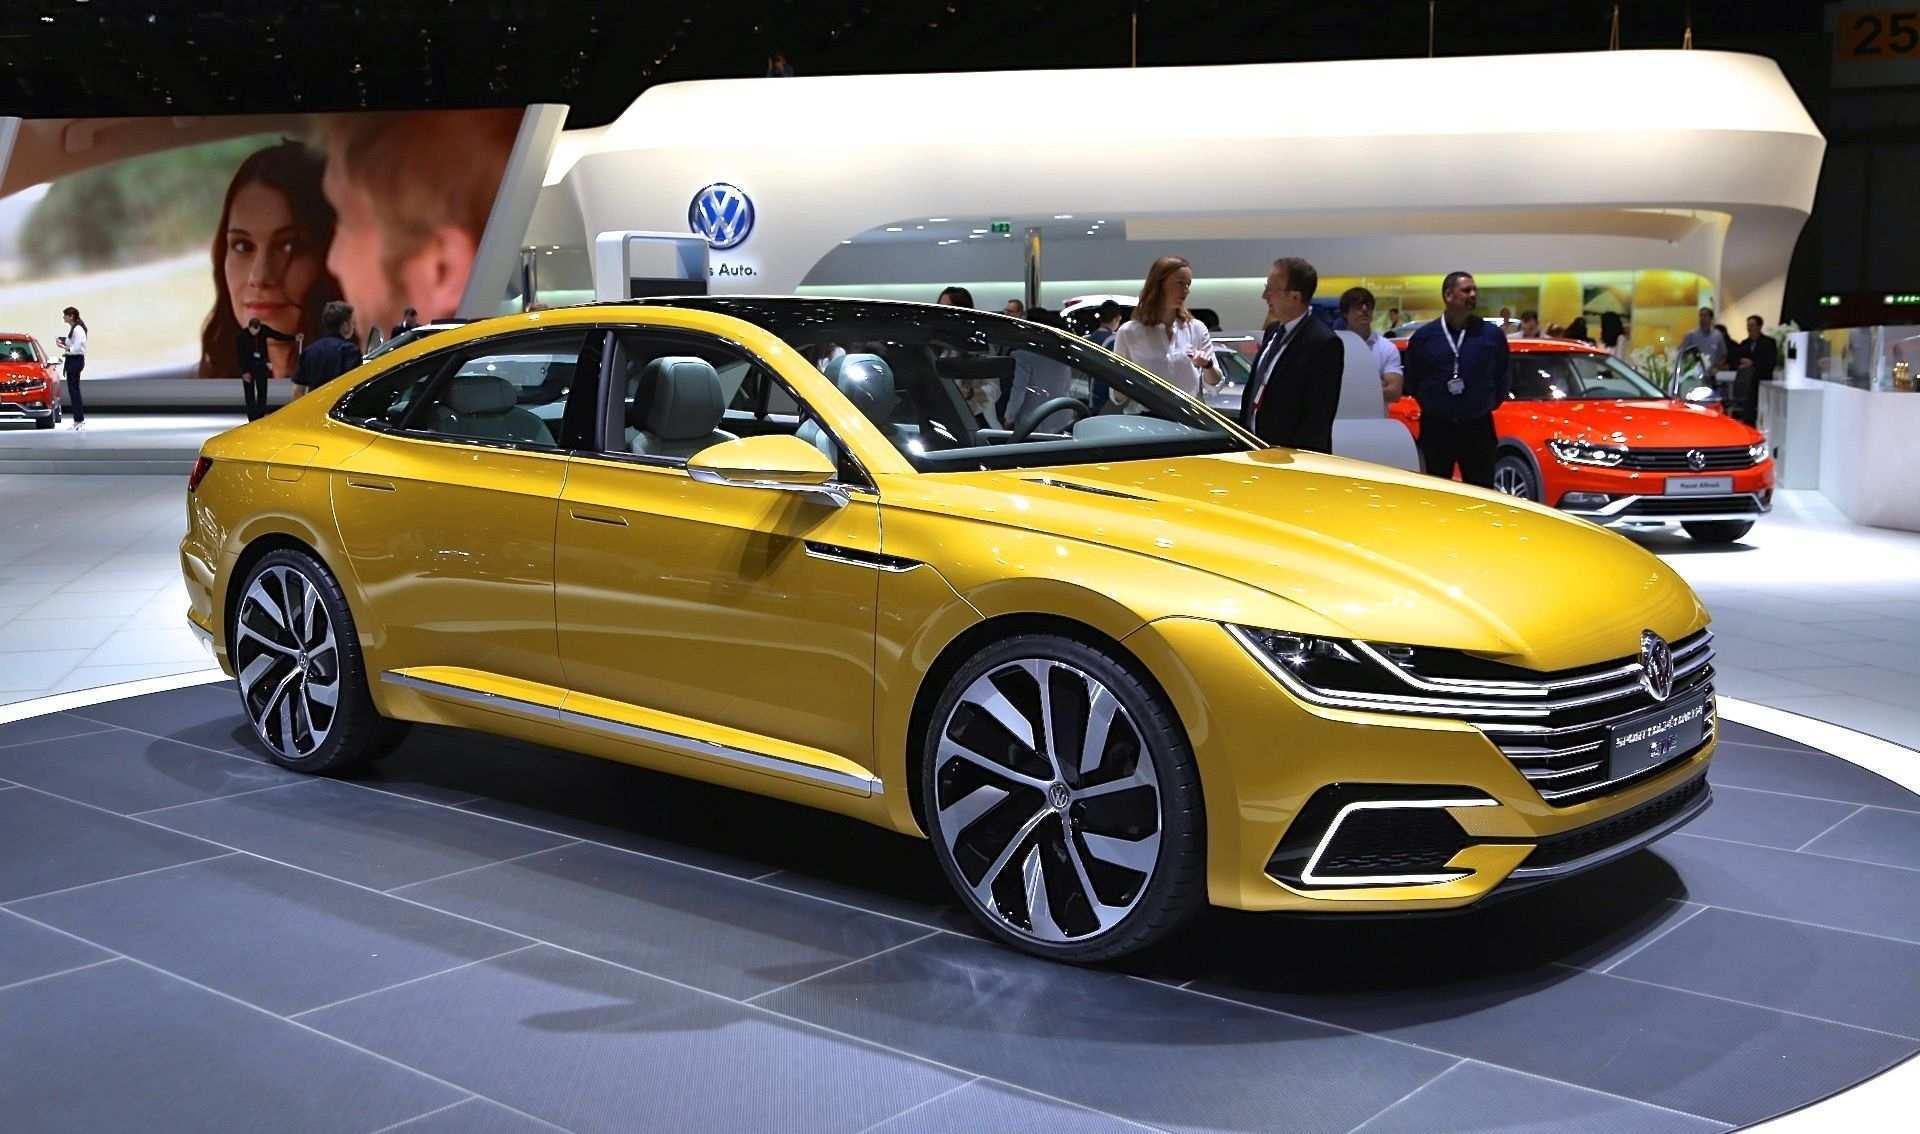 65 Great Volkswagen Passat 2020 New Concept Spesification by Volkswagen Passat 2020 New Concept